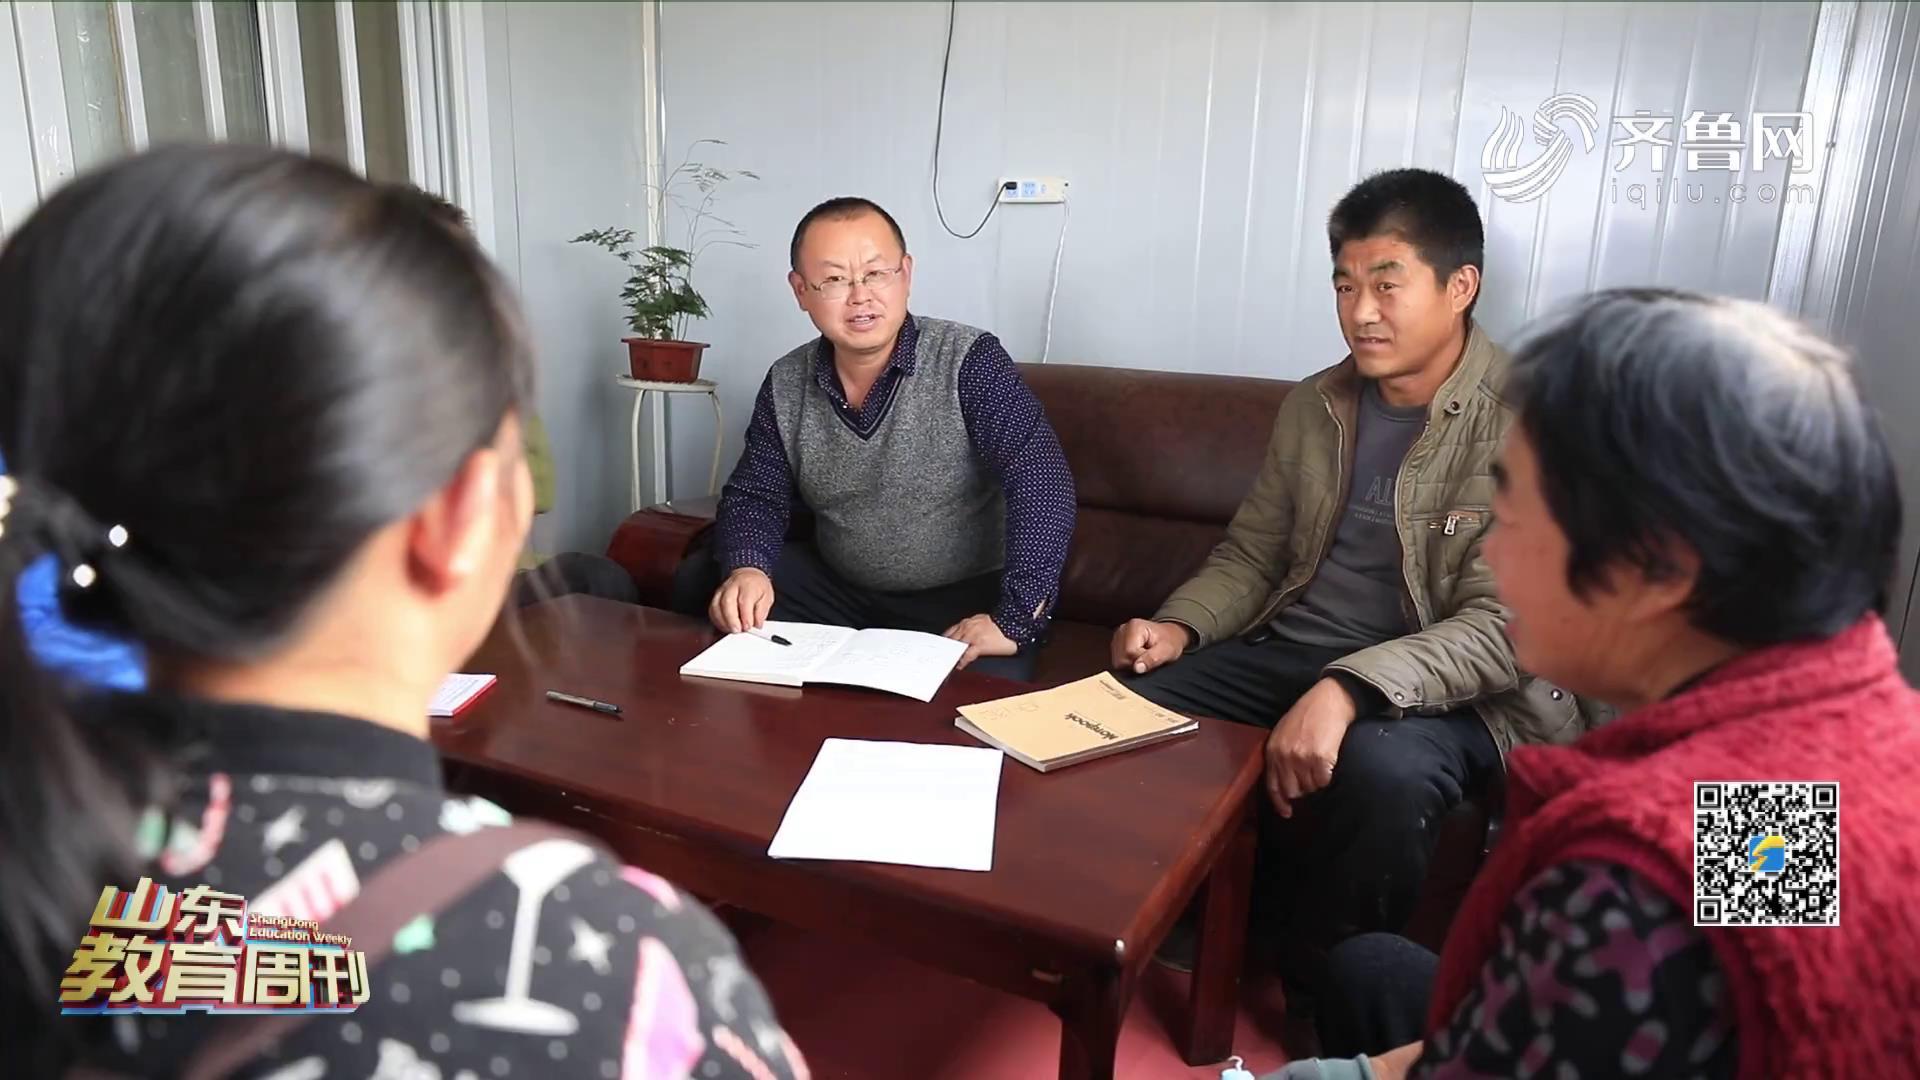 潍坊职业学院:订单式教学 培养新型职业农民《山东教育周刊》20201122播出